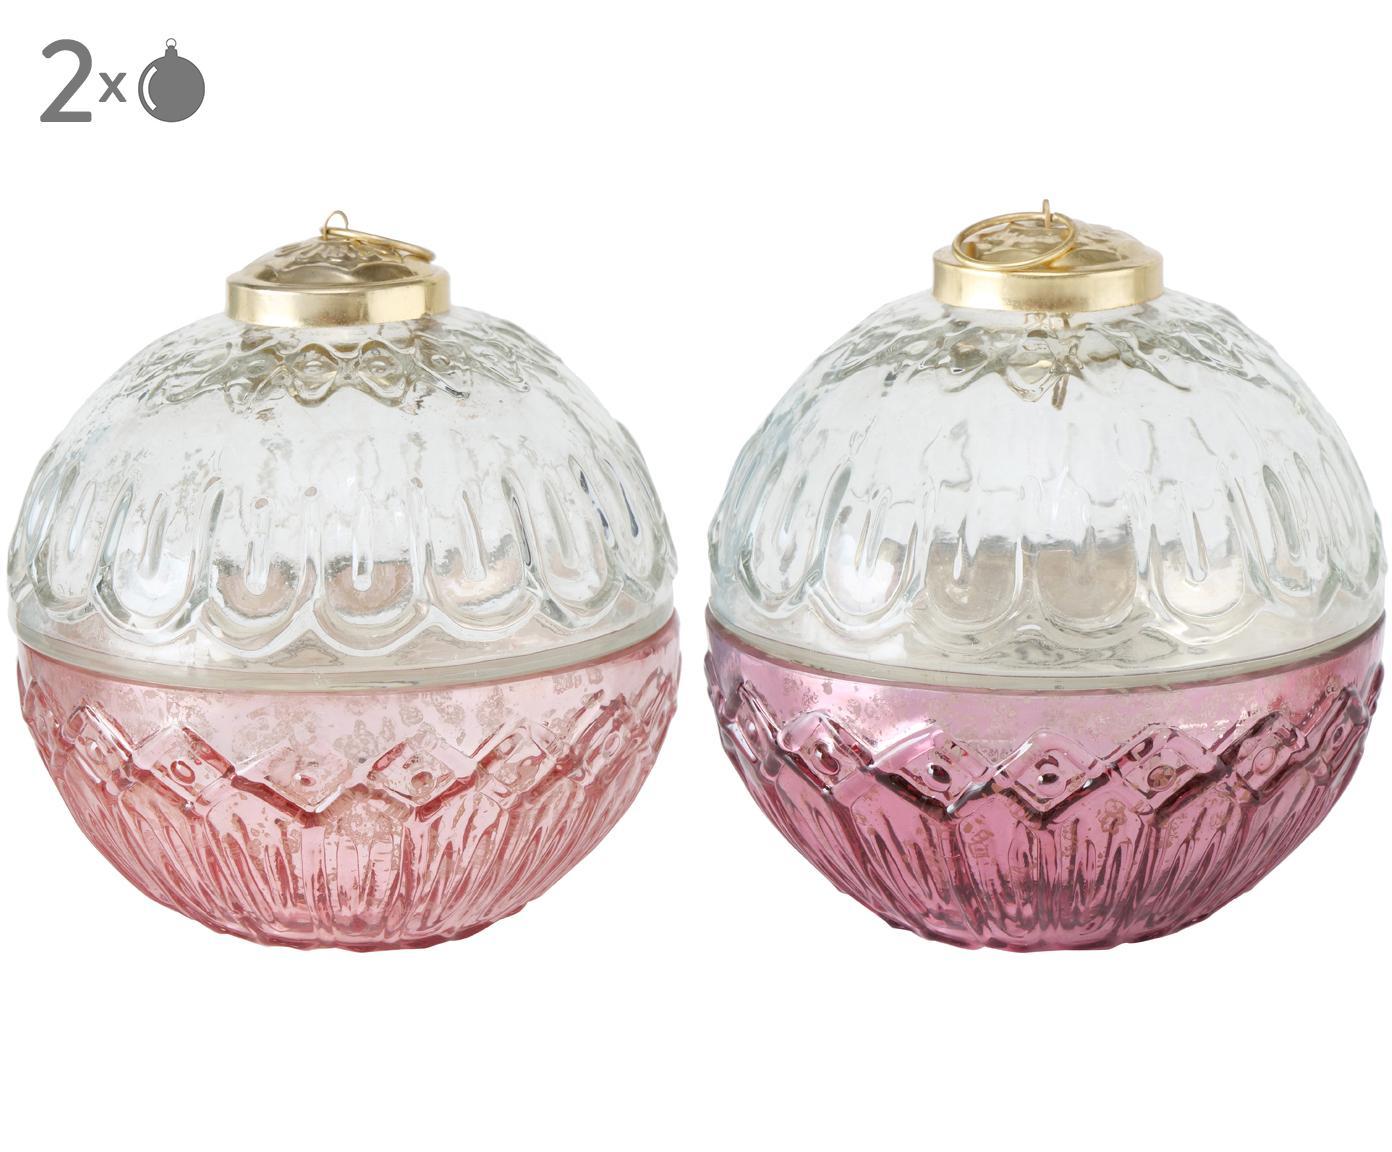 Set candele profumate Camity (Vanilla) 2 pz, Contenitore: vetro verniciato, Trasparente, rosa, dorato, Ø 10 cm